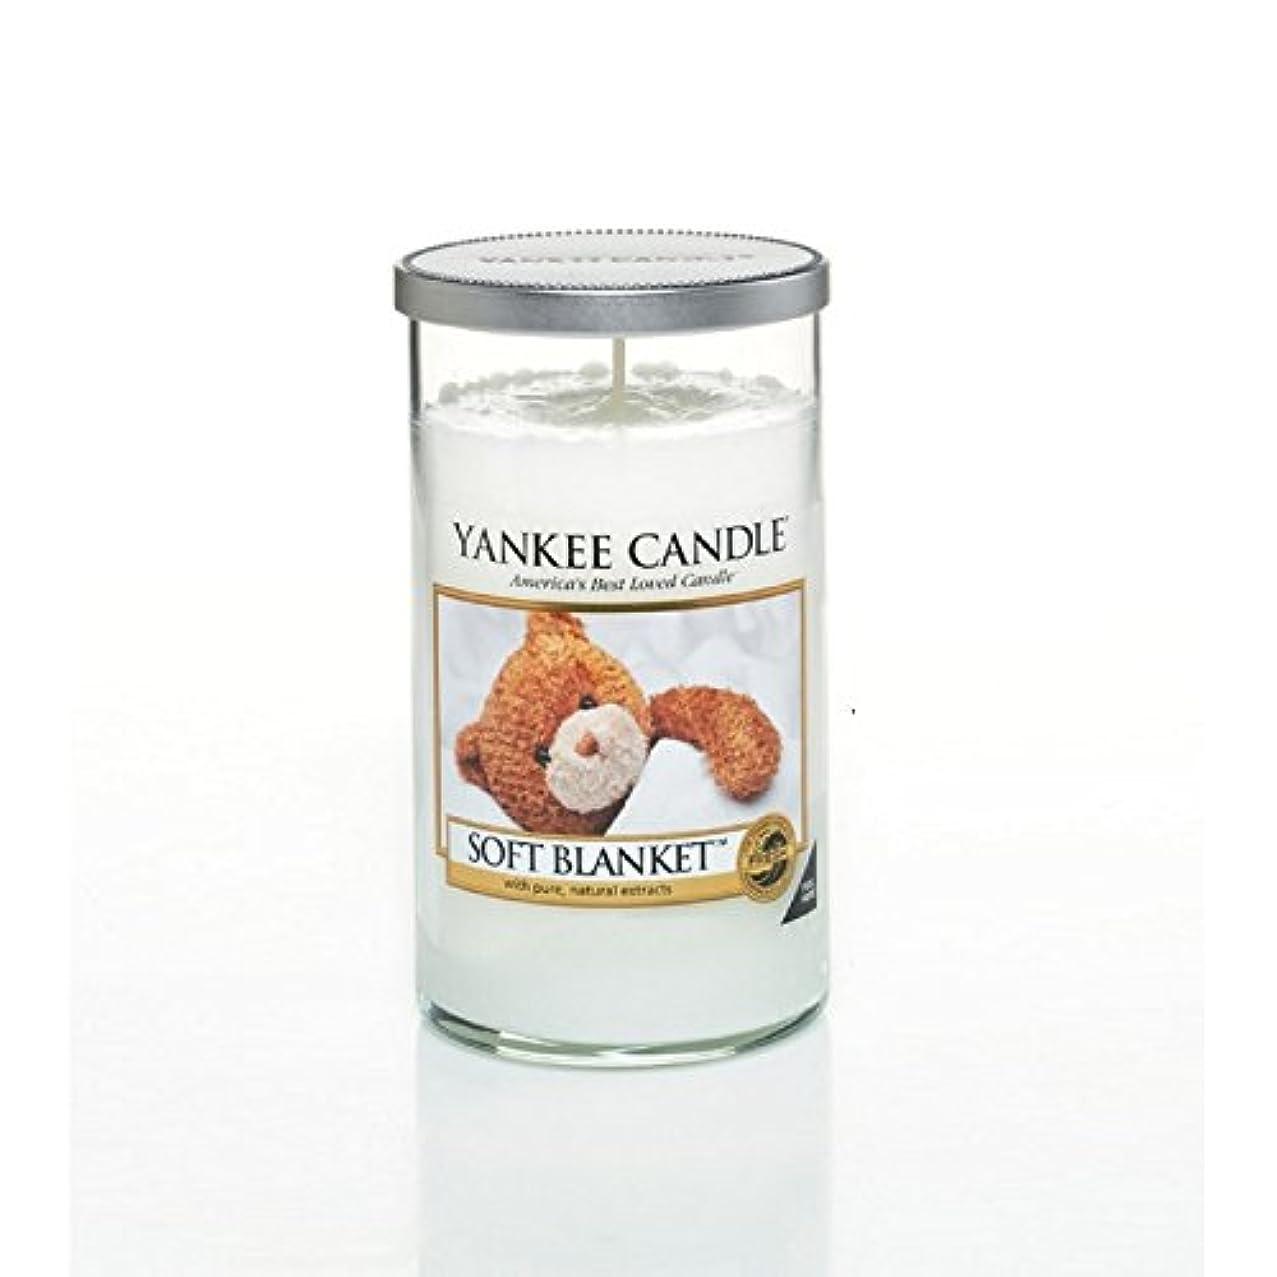 スクリーチ皮ご近所ヤンキーキャンドルメディアピラーキャンドル - ソフト毛布 - Yankee Candles Medium Pillar Candle - Soft Blanket (Yankee Candles) [並行輸入品]